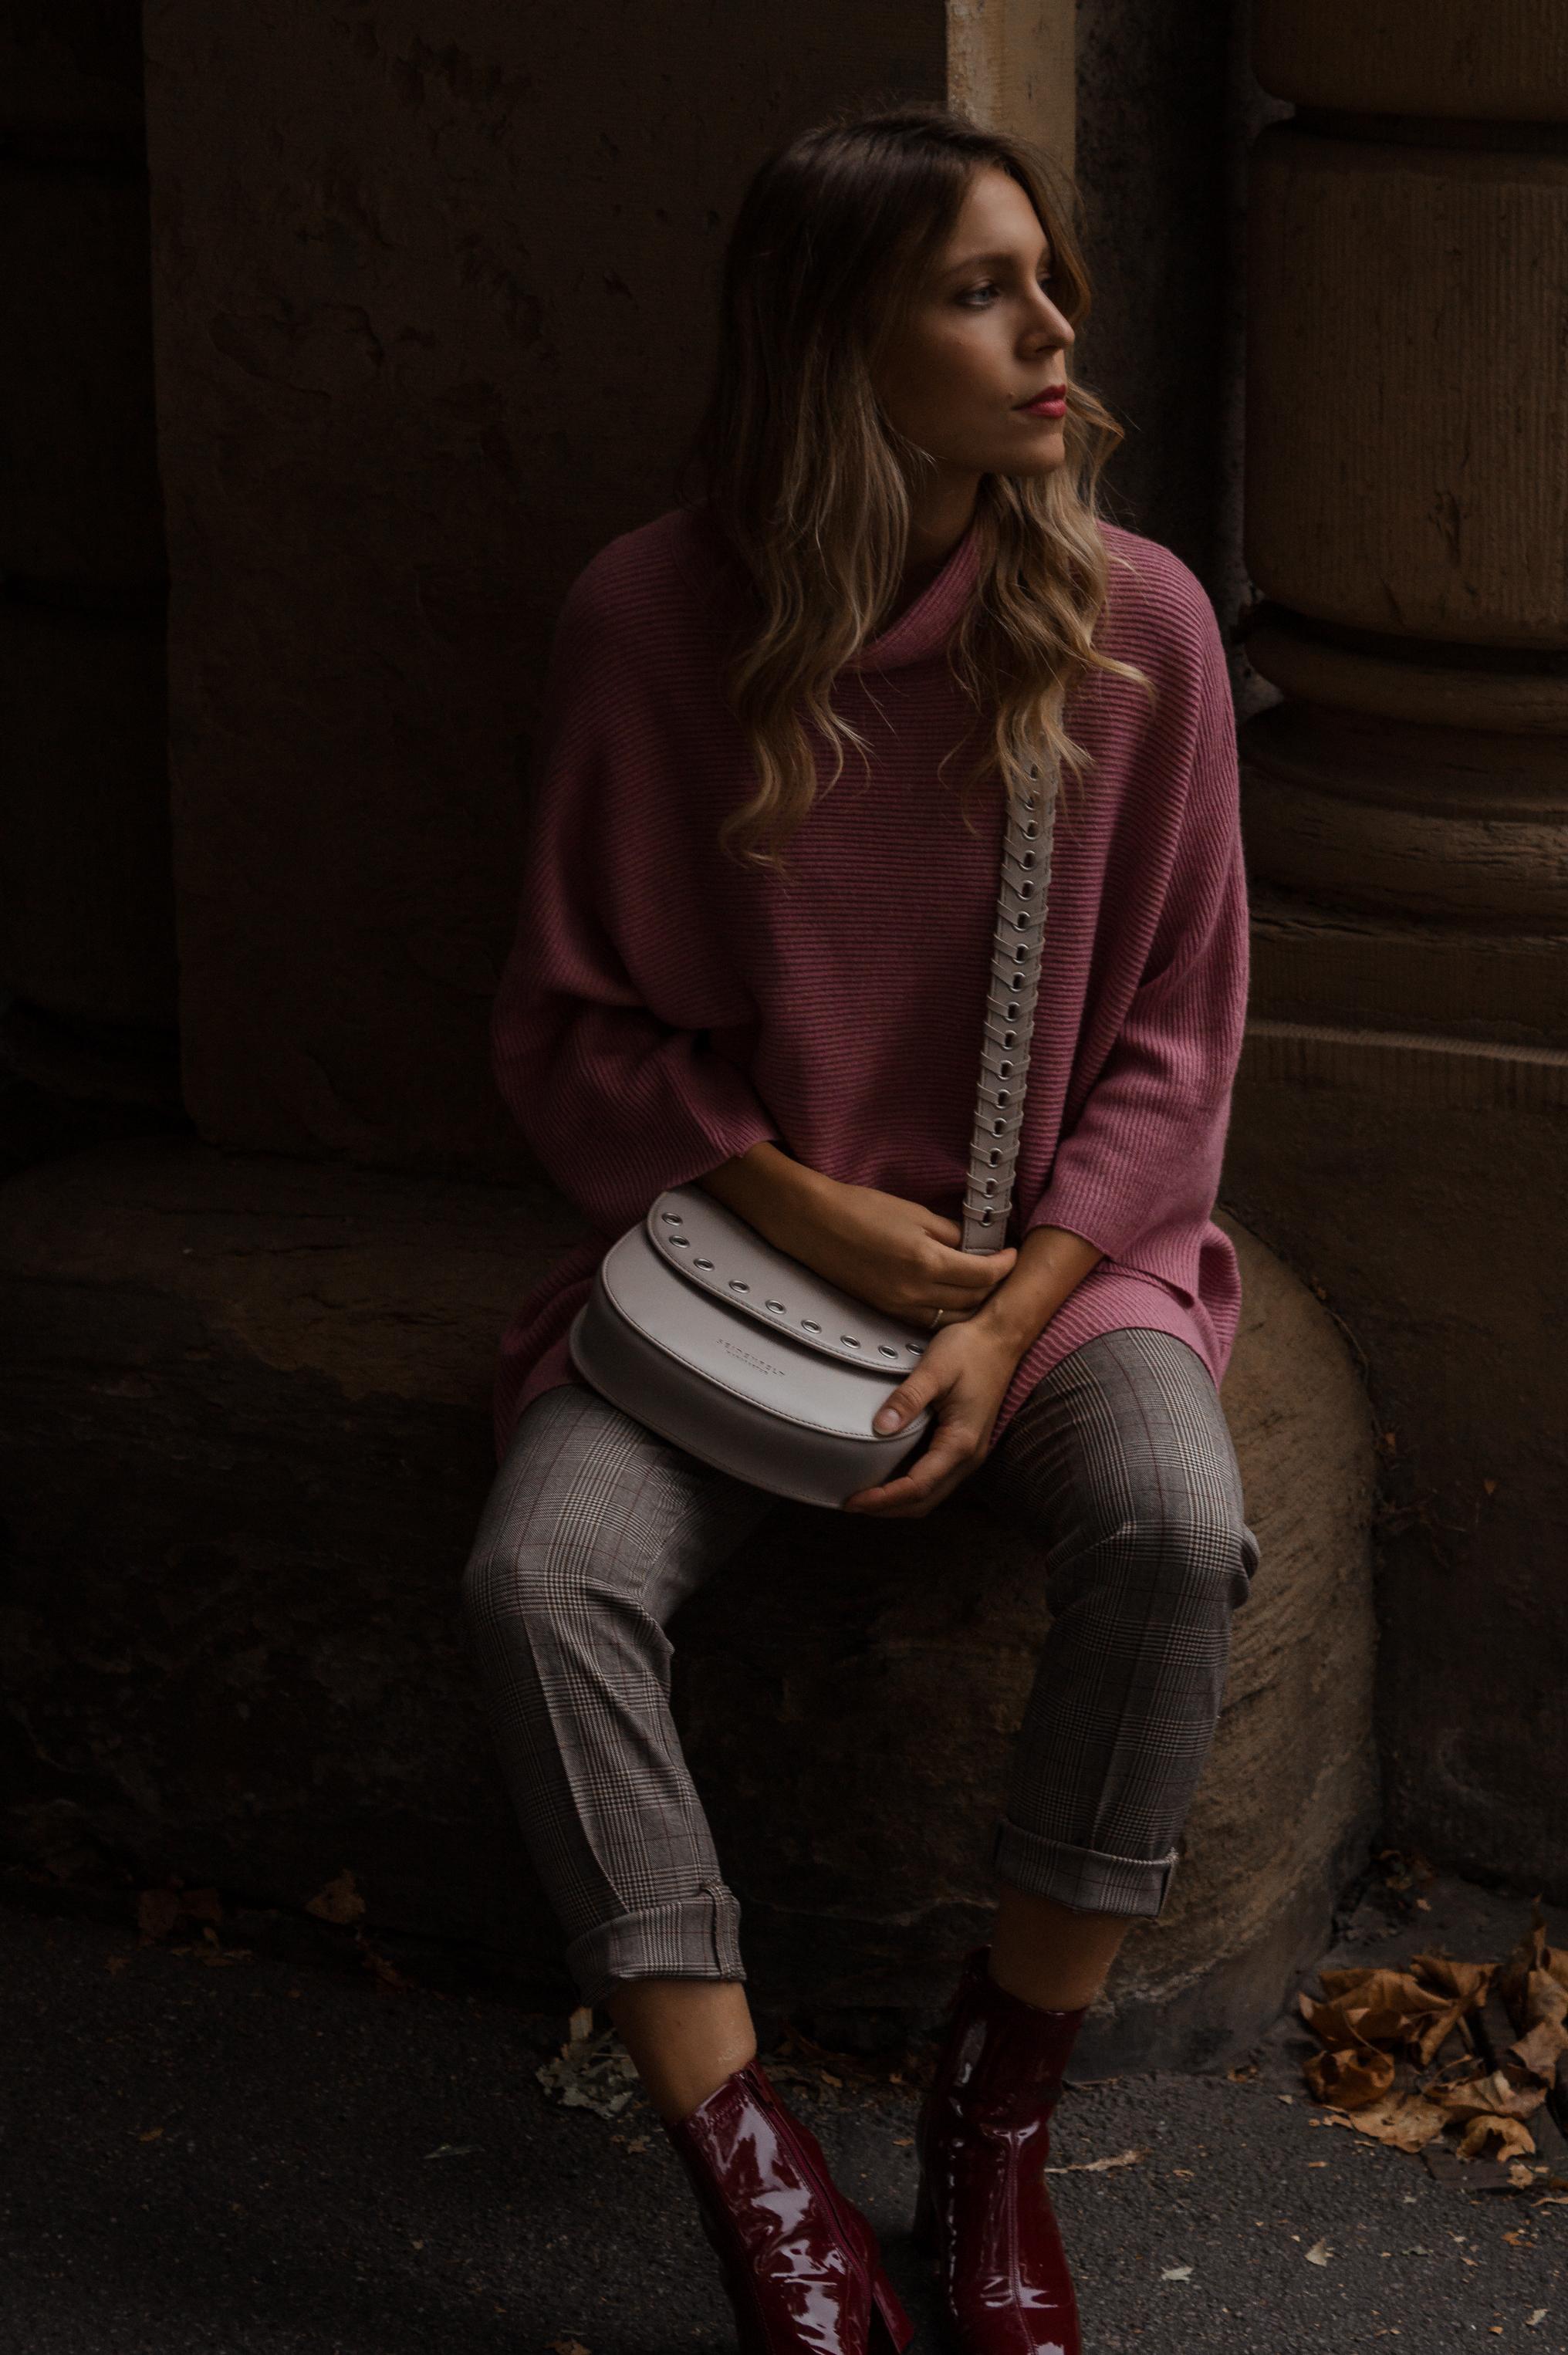 Instagram-Frust Seidenfelt Tasche Modeblogger Heidelberg Sariety Fashionblog Sarah Schäfer karierte Hose rote Lackschuhe_11